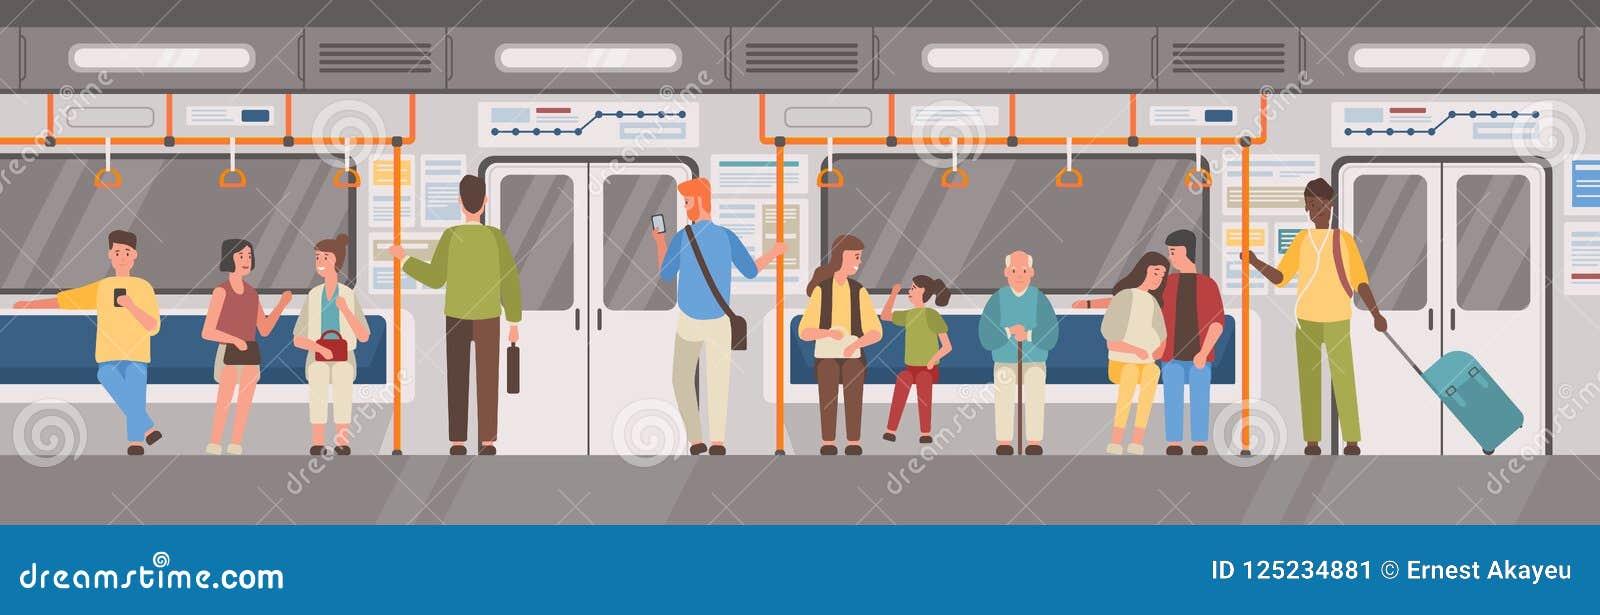 人们或城市居民在地铁、地铁、管或者地下列车车箱 男人和妇女公共交通工具的 男性和